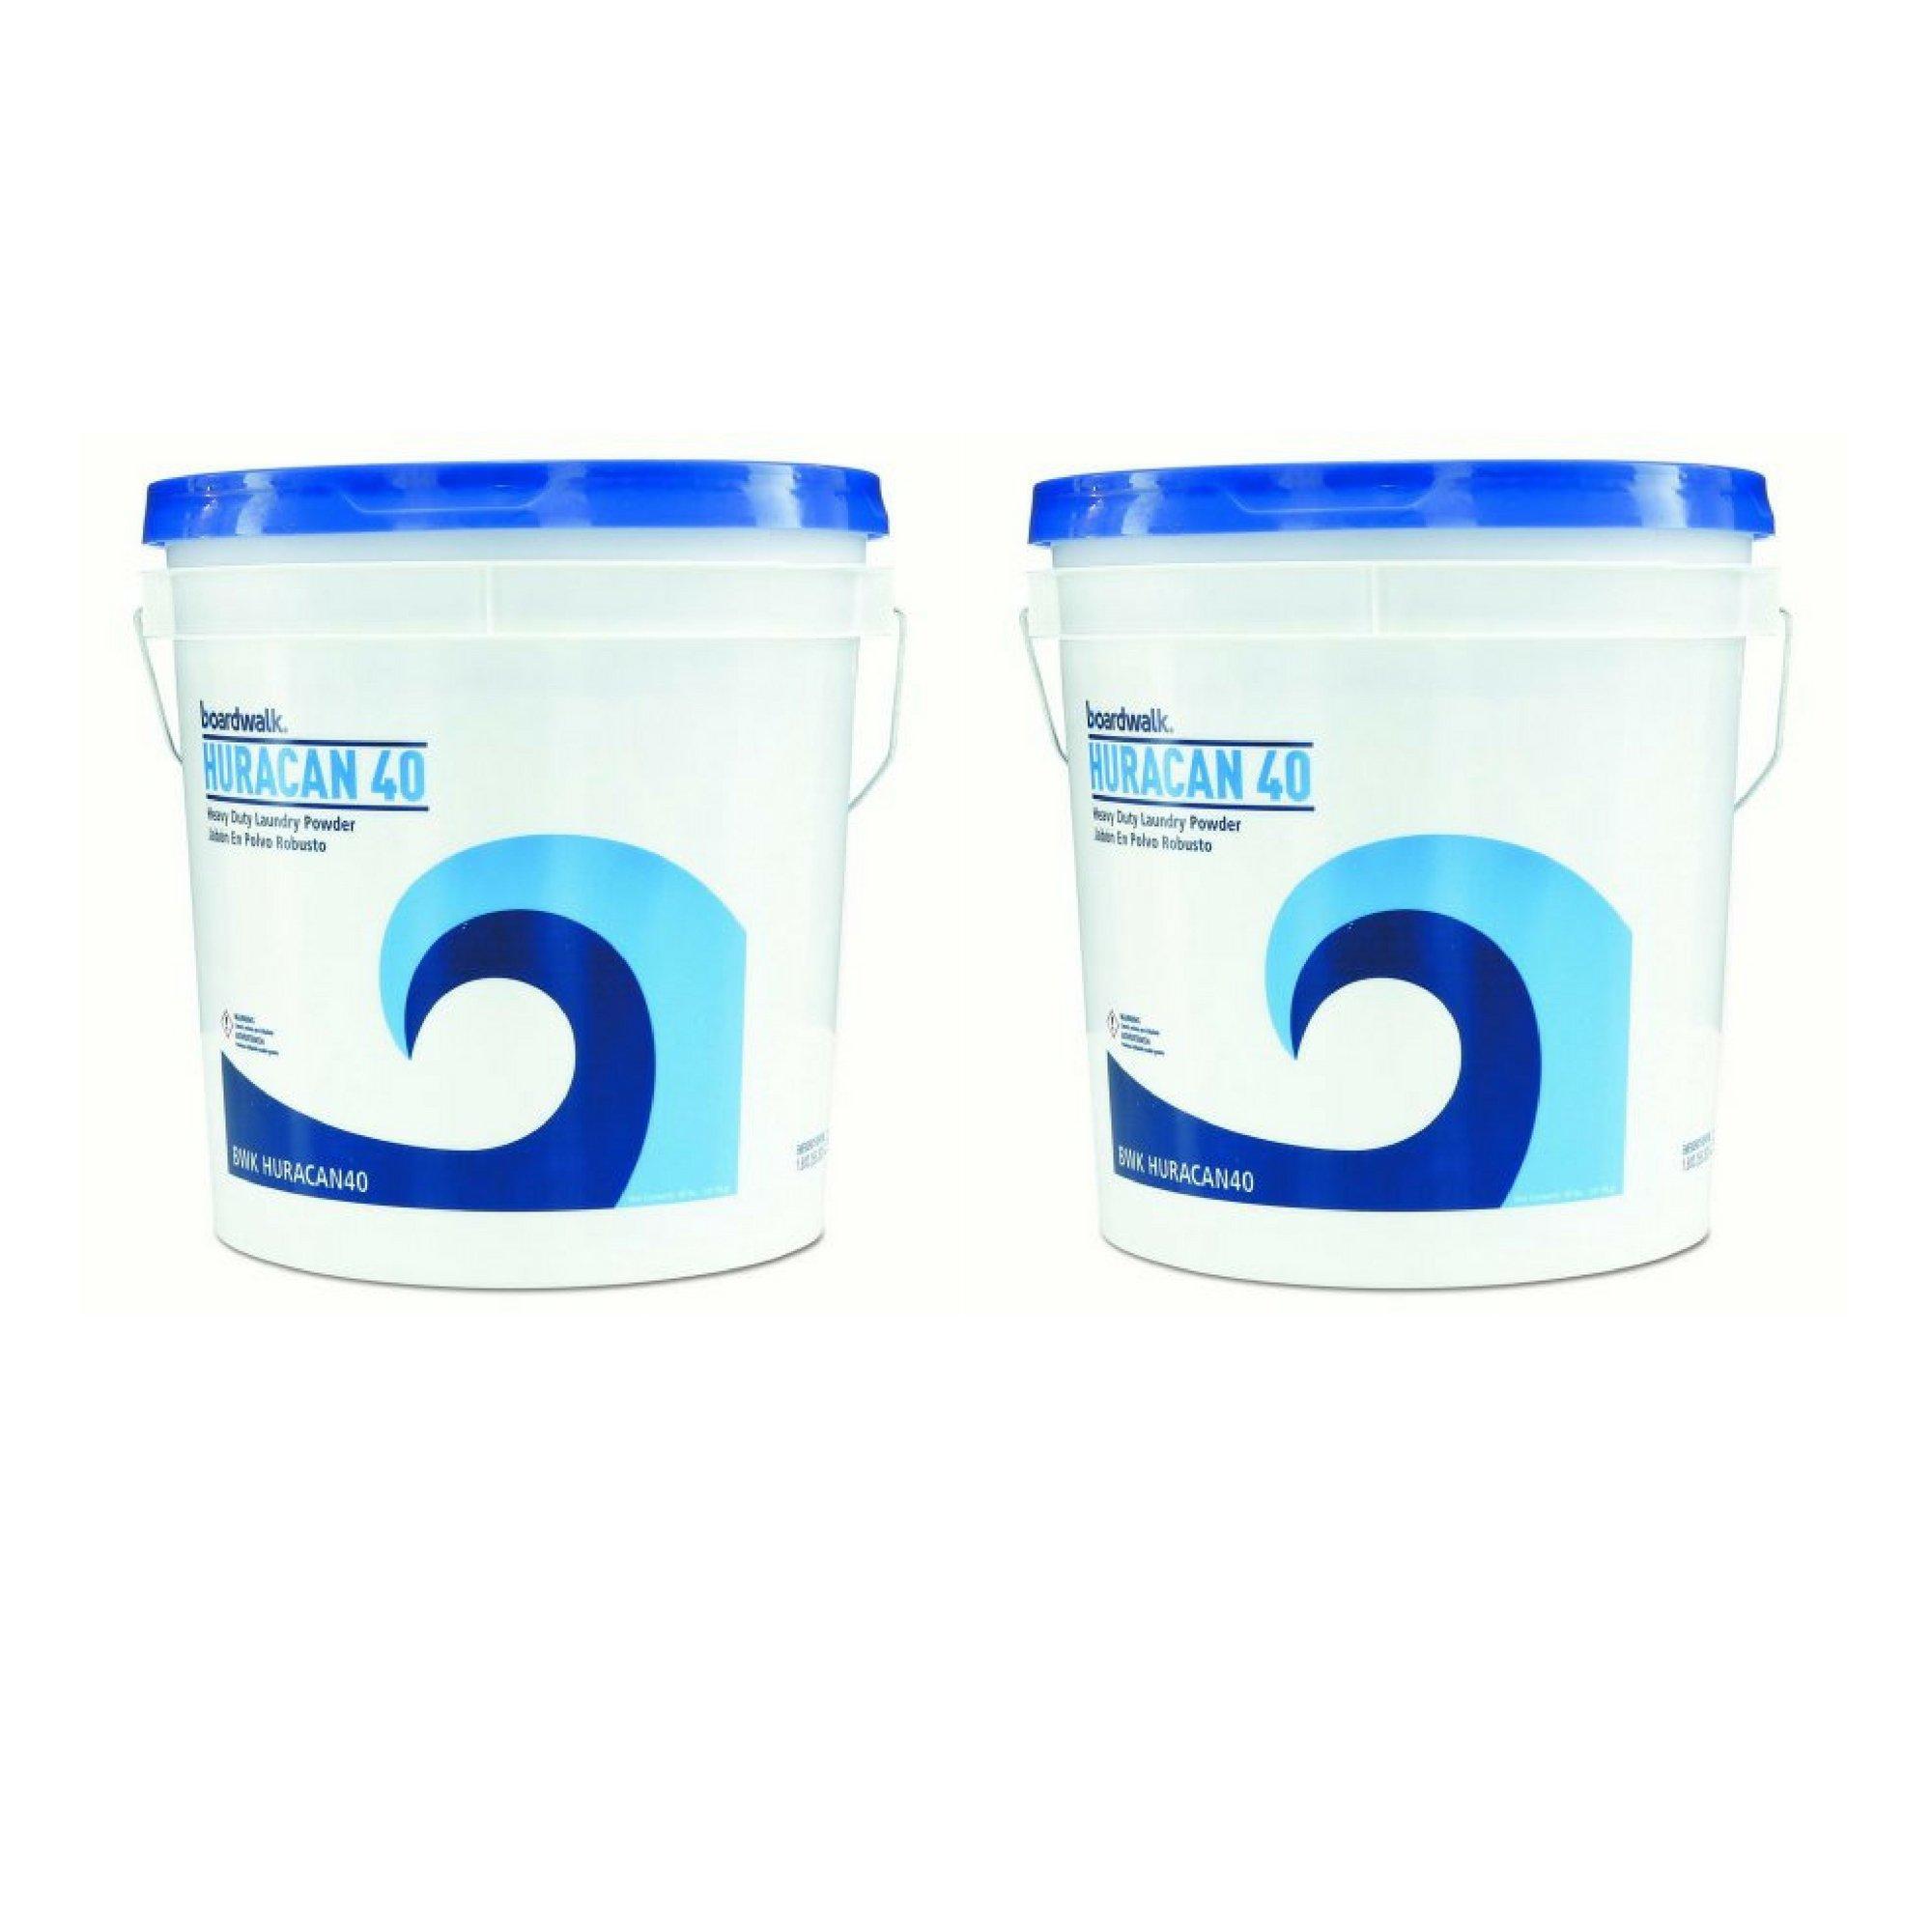 Boardwalk Low Suds Laundry Detergent, Economical, Powder, Fresh Lemon Scent, 40lb Pail - 2 Pack